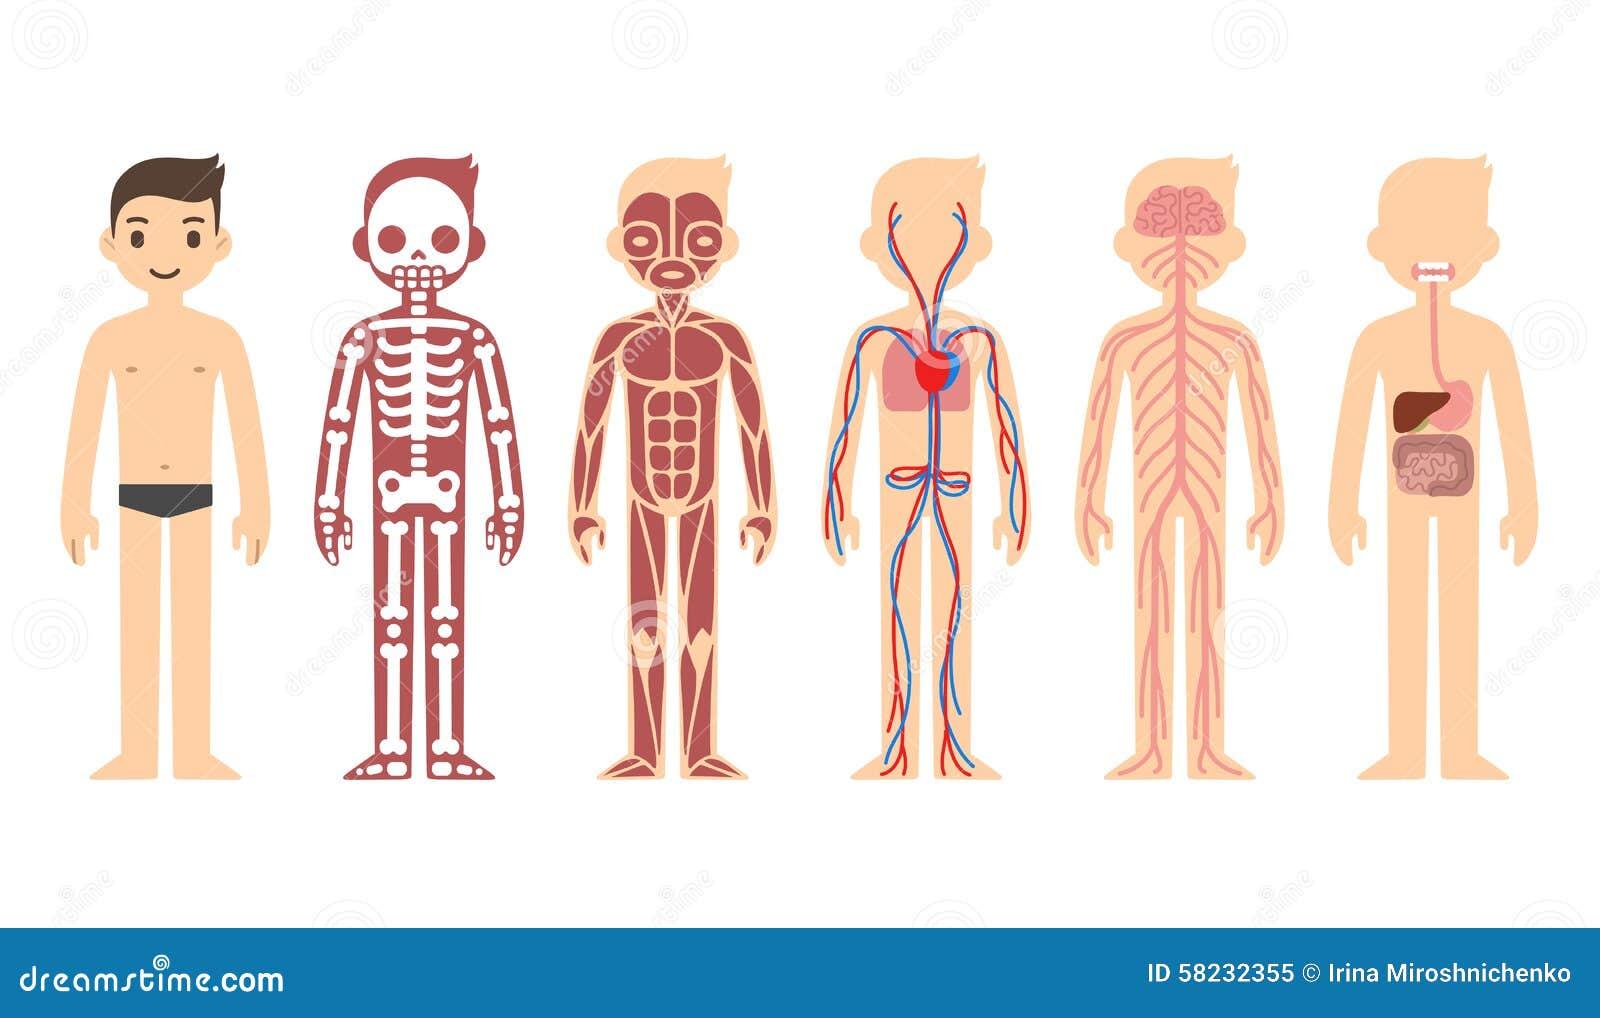 Diagrama de la anatomía ilustración del vector. Ilustración de ...